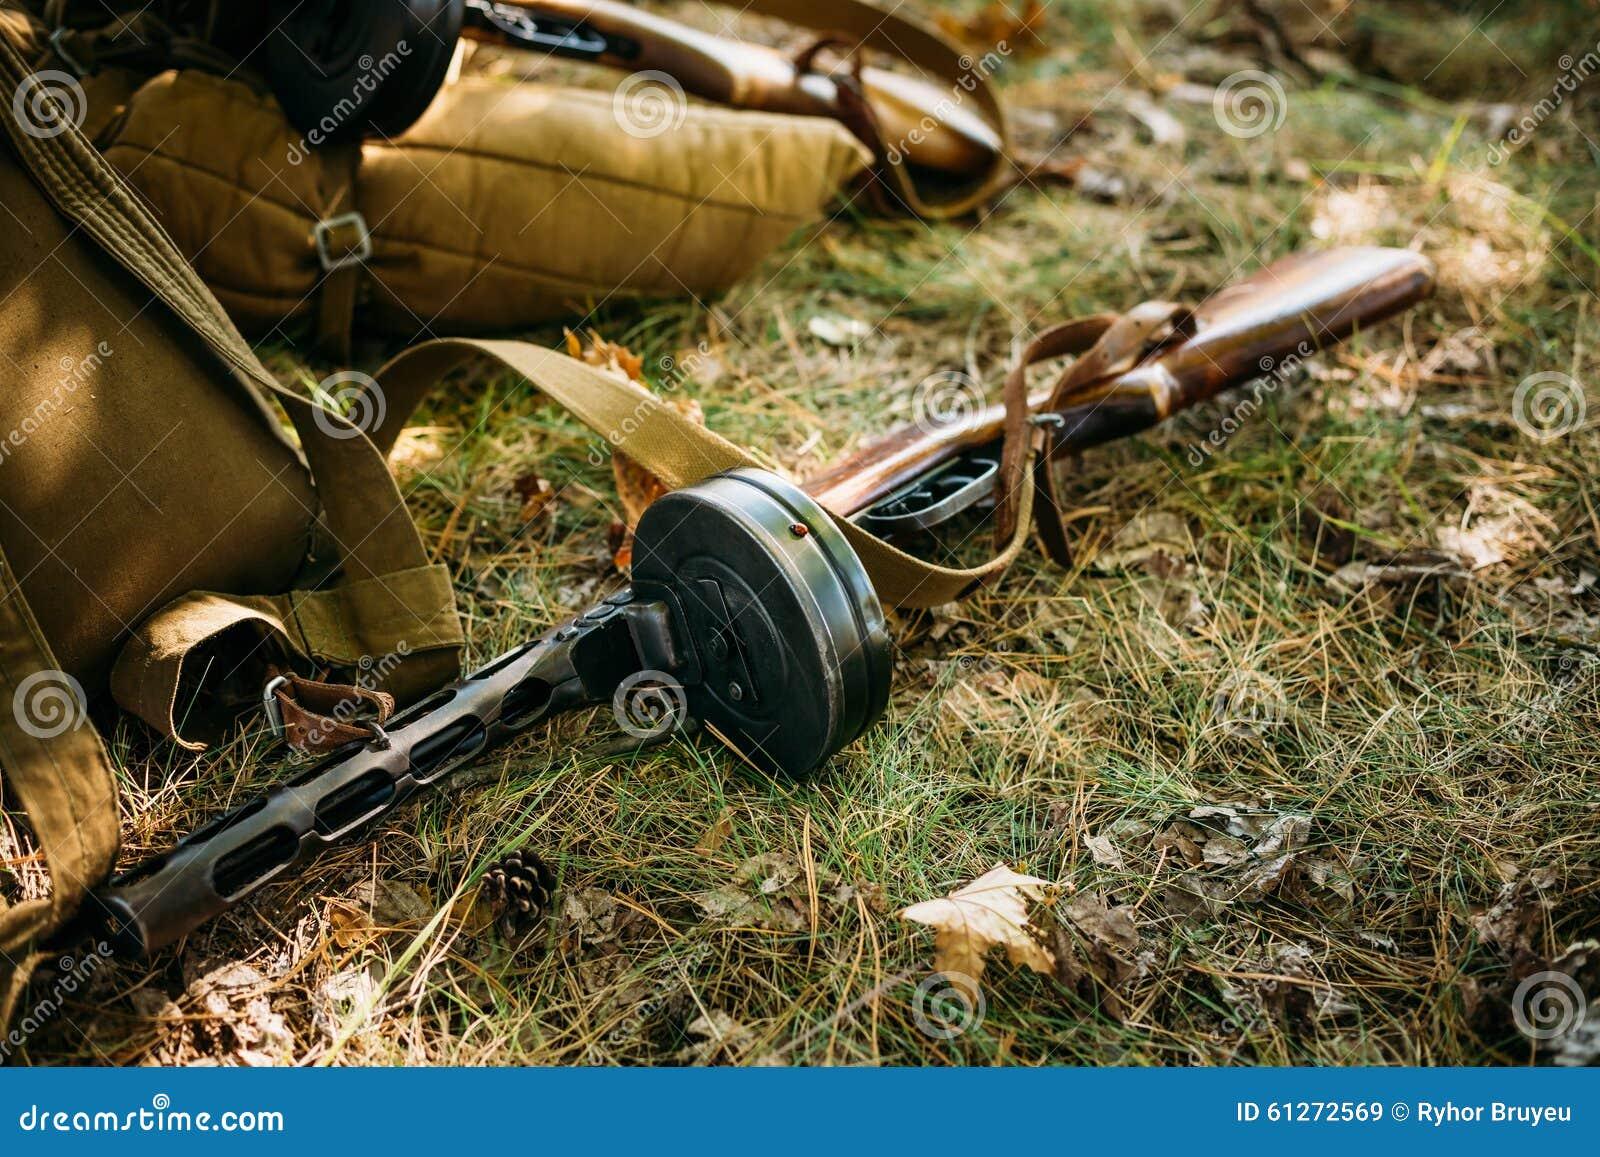 Sovjet Russische militaire munitie - submachine